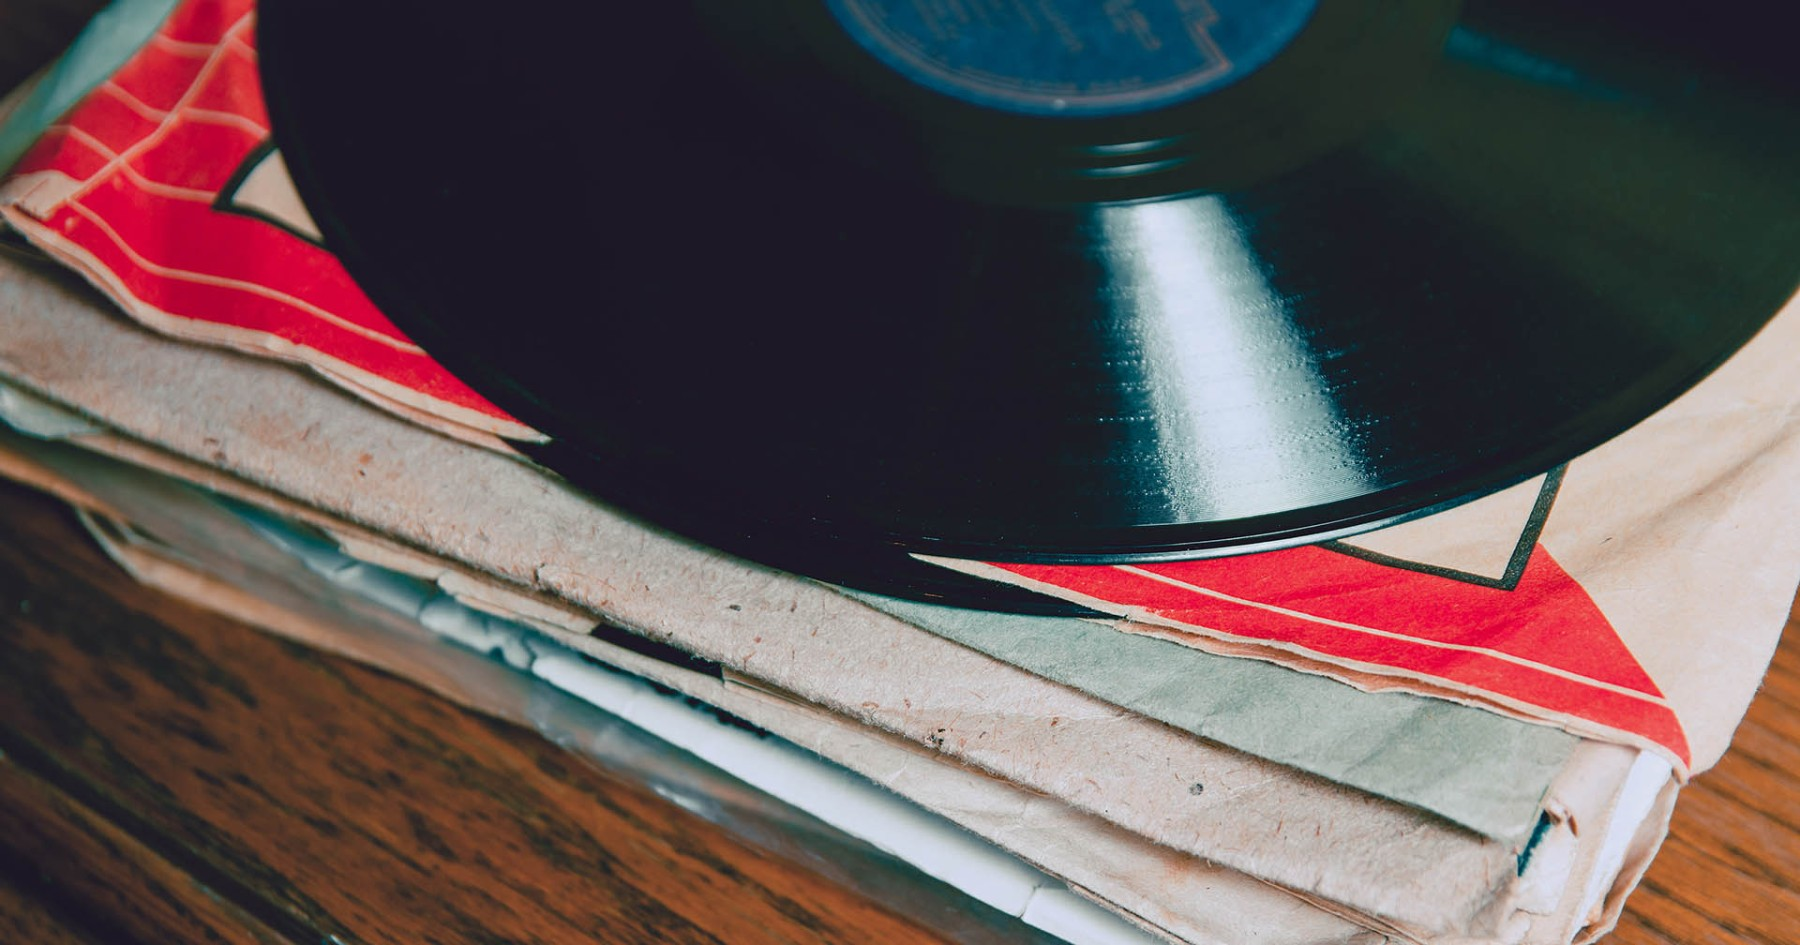 Gentleman's Handbook, Vol. 10.2: Investing in Rare Vinyl